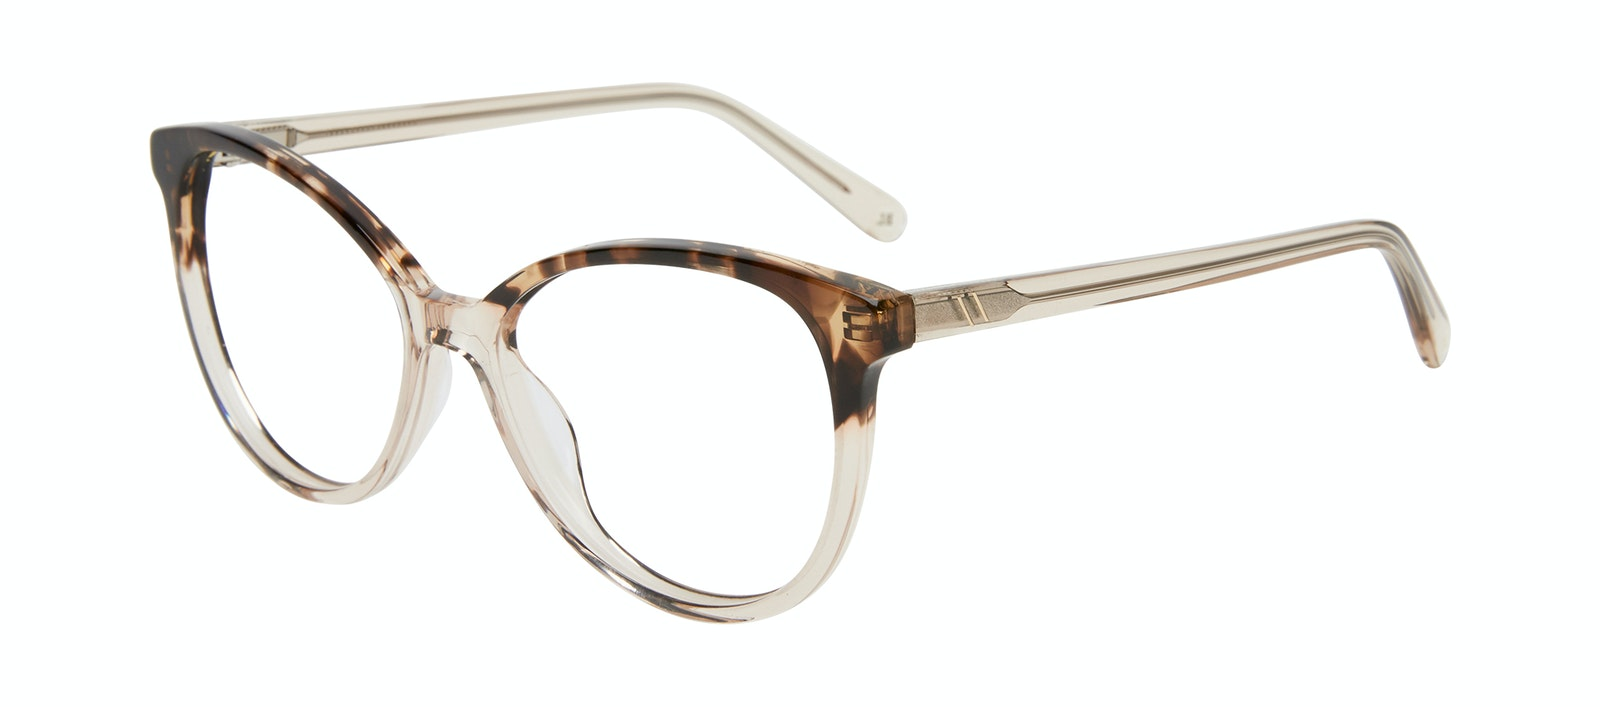 Affordable Fashion Glasses Cat Eye Eyeglasses Women Esprit L Golden Tortoise Tilt